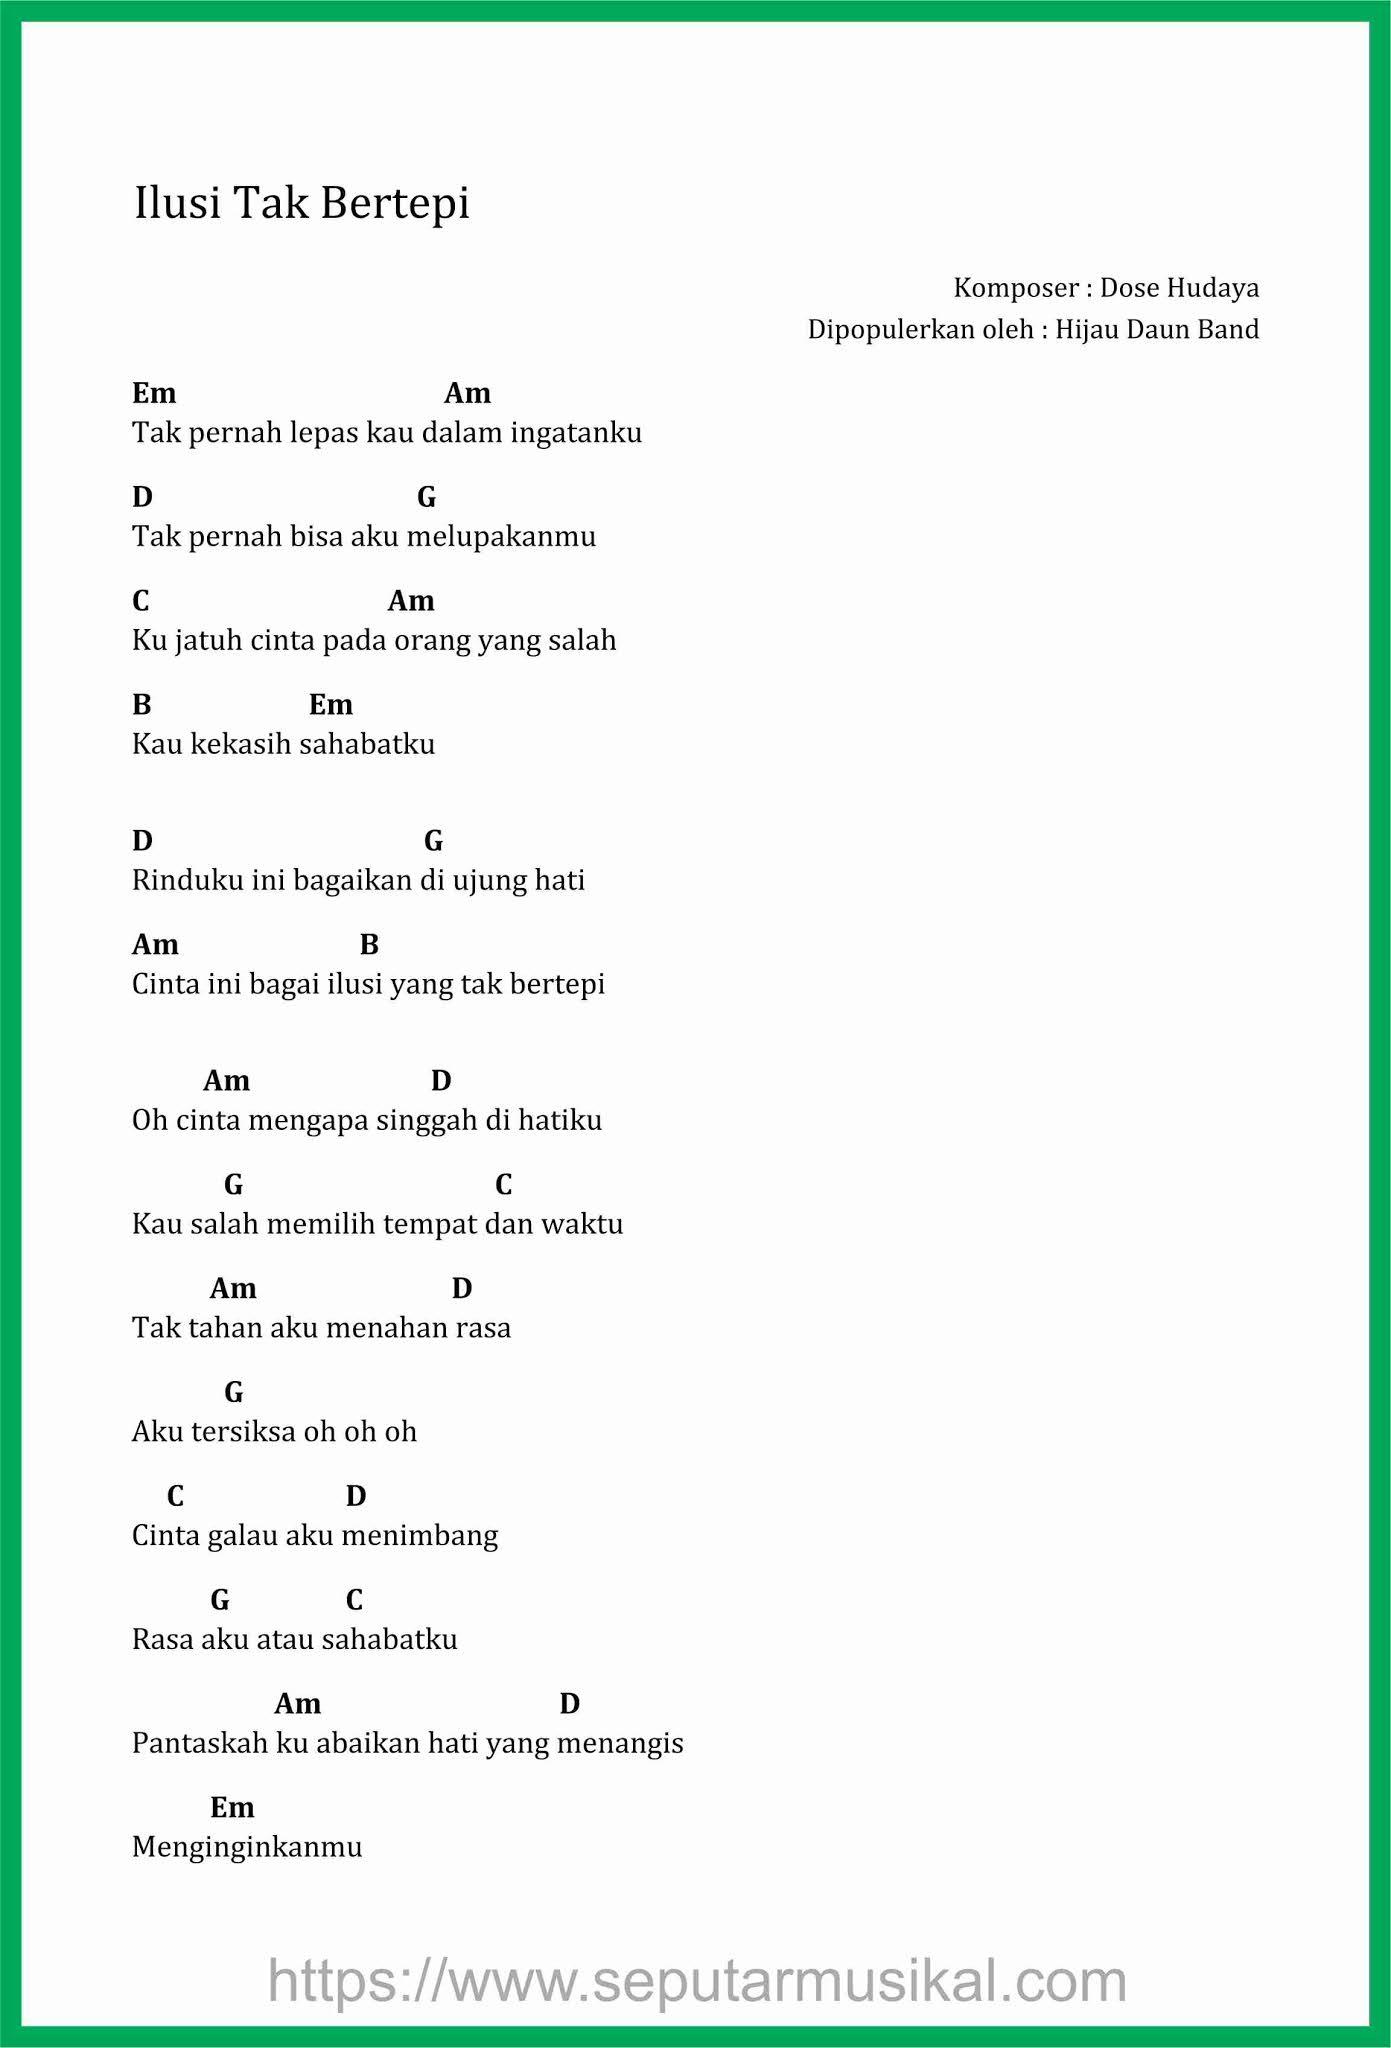 Chord Naif Bencinta Untuk Mencinta C : chord, bencinta, untuk, mencinta, Hijau, Ilusi, Bertepi, Lirik, Kunci, Gitar